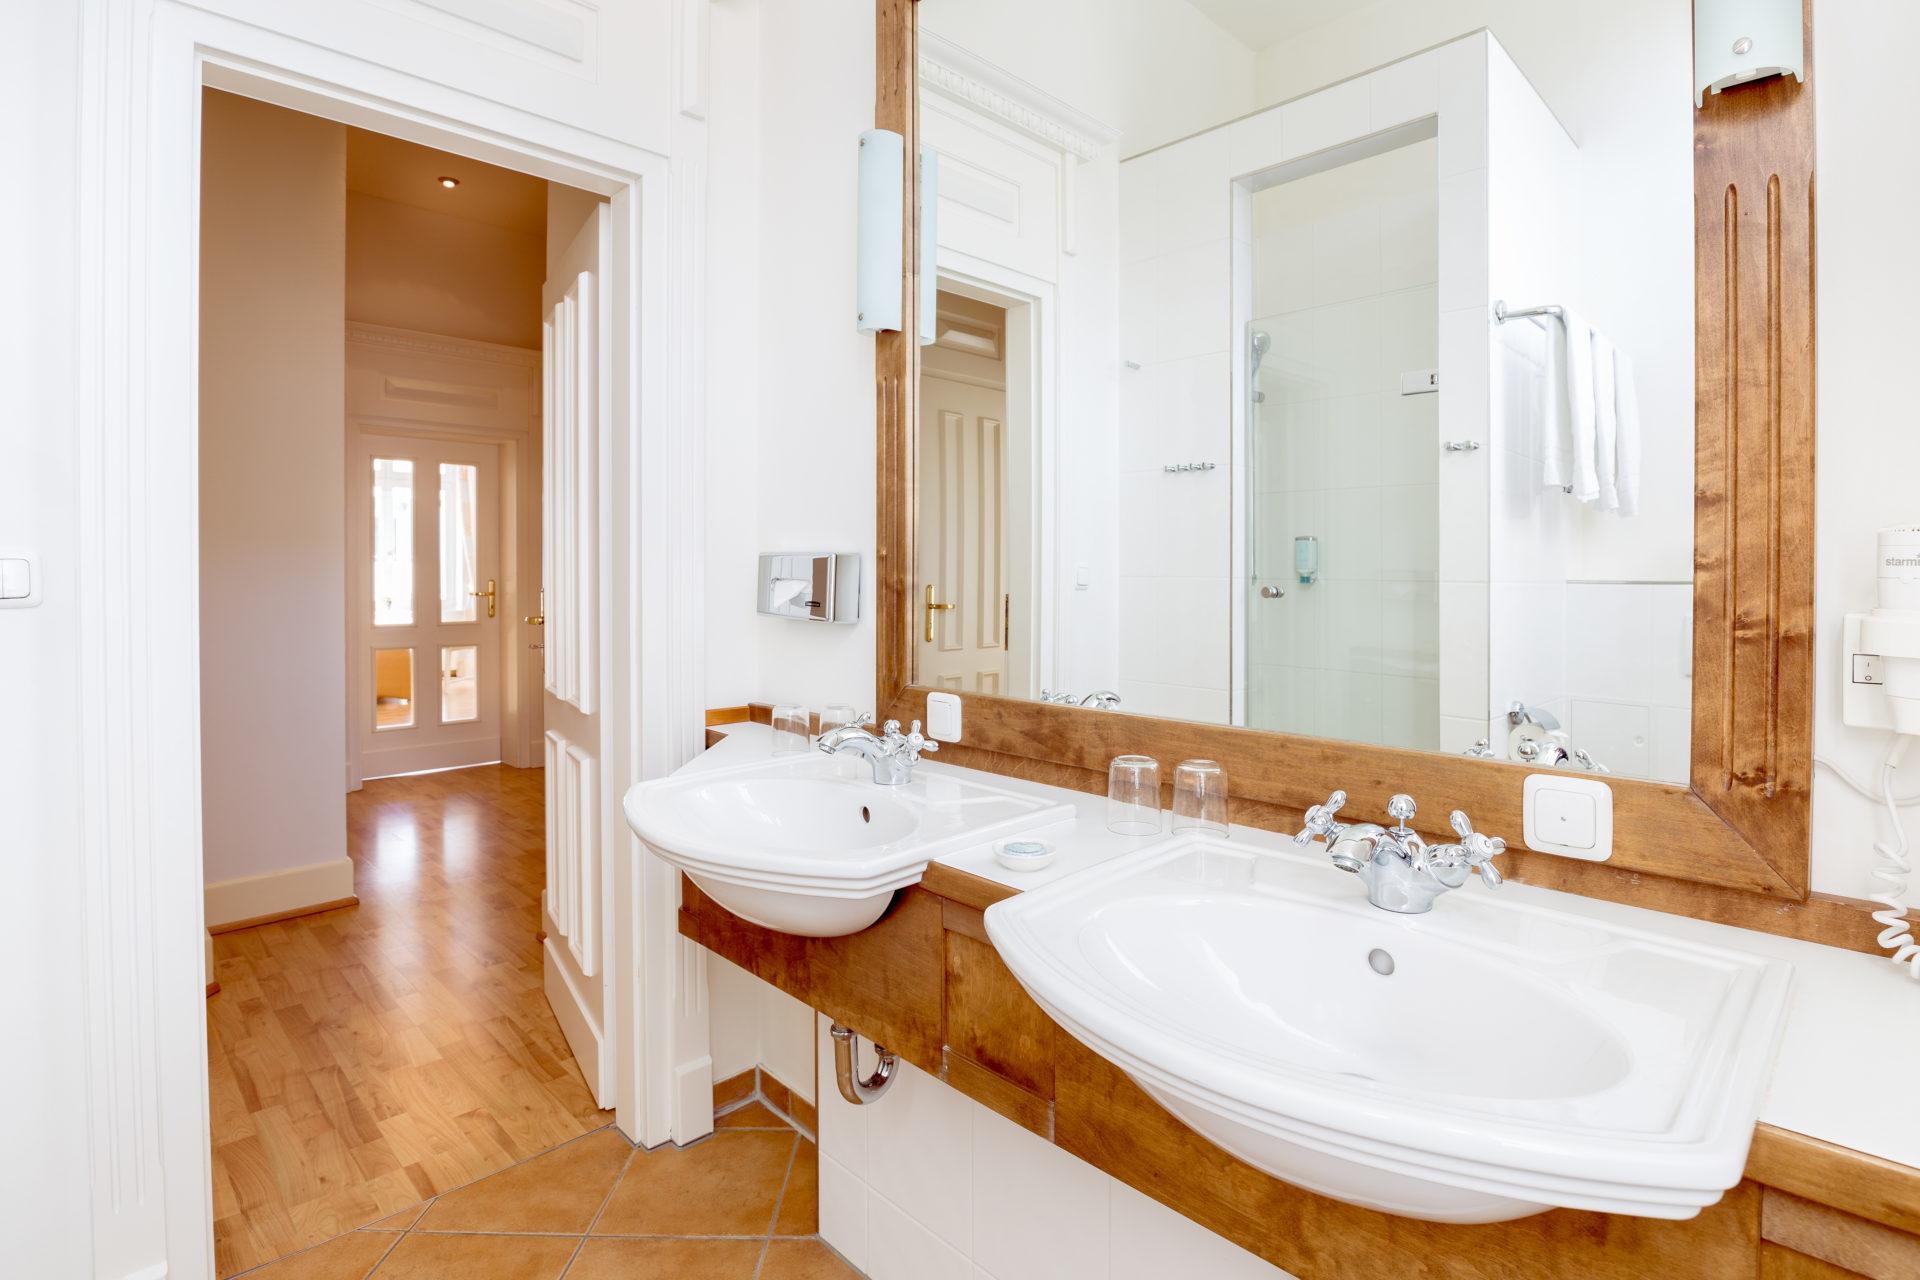 Beispielbild: Badezimmer in Historischer Villa